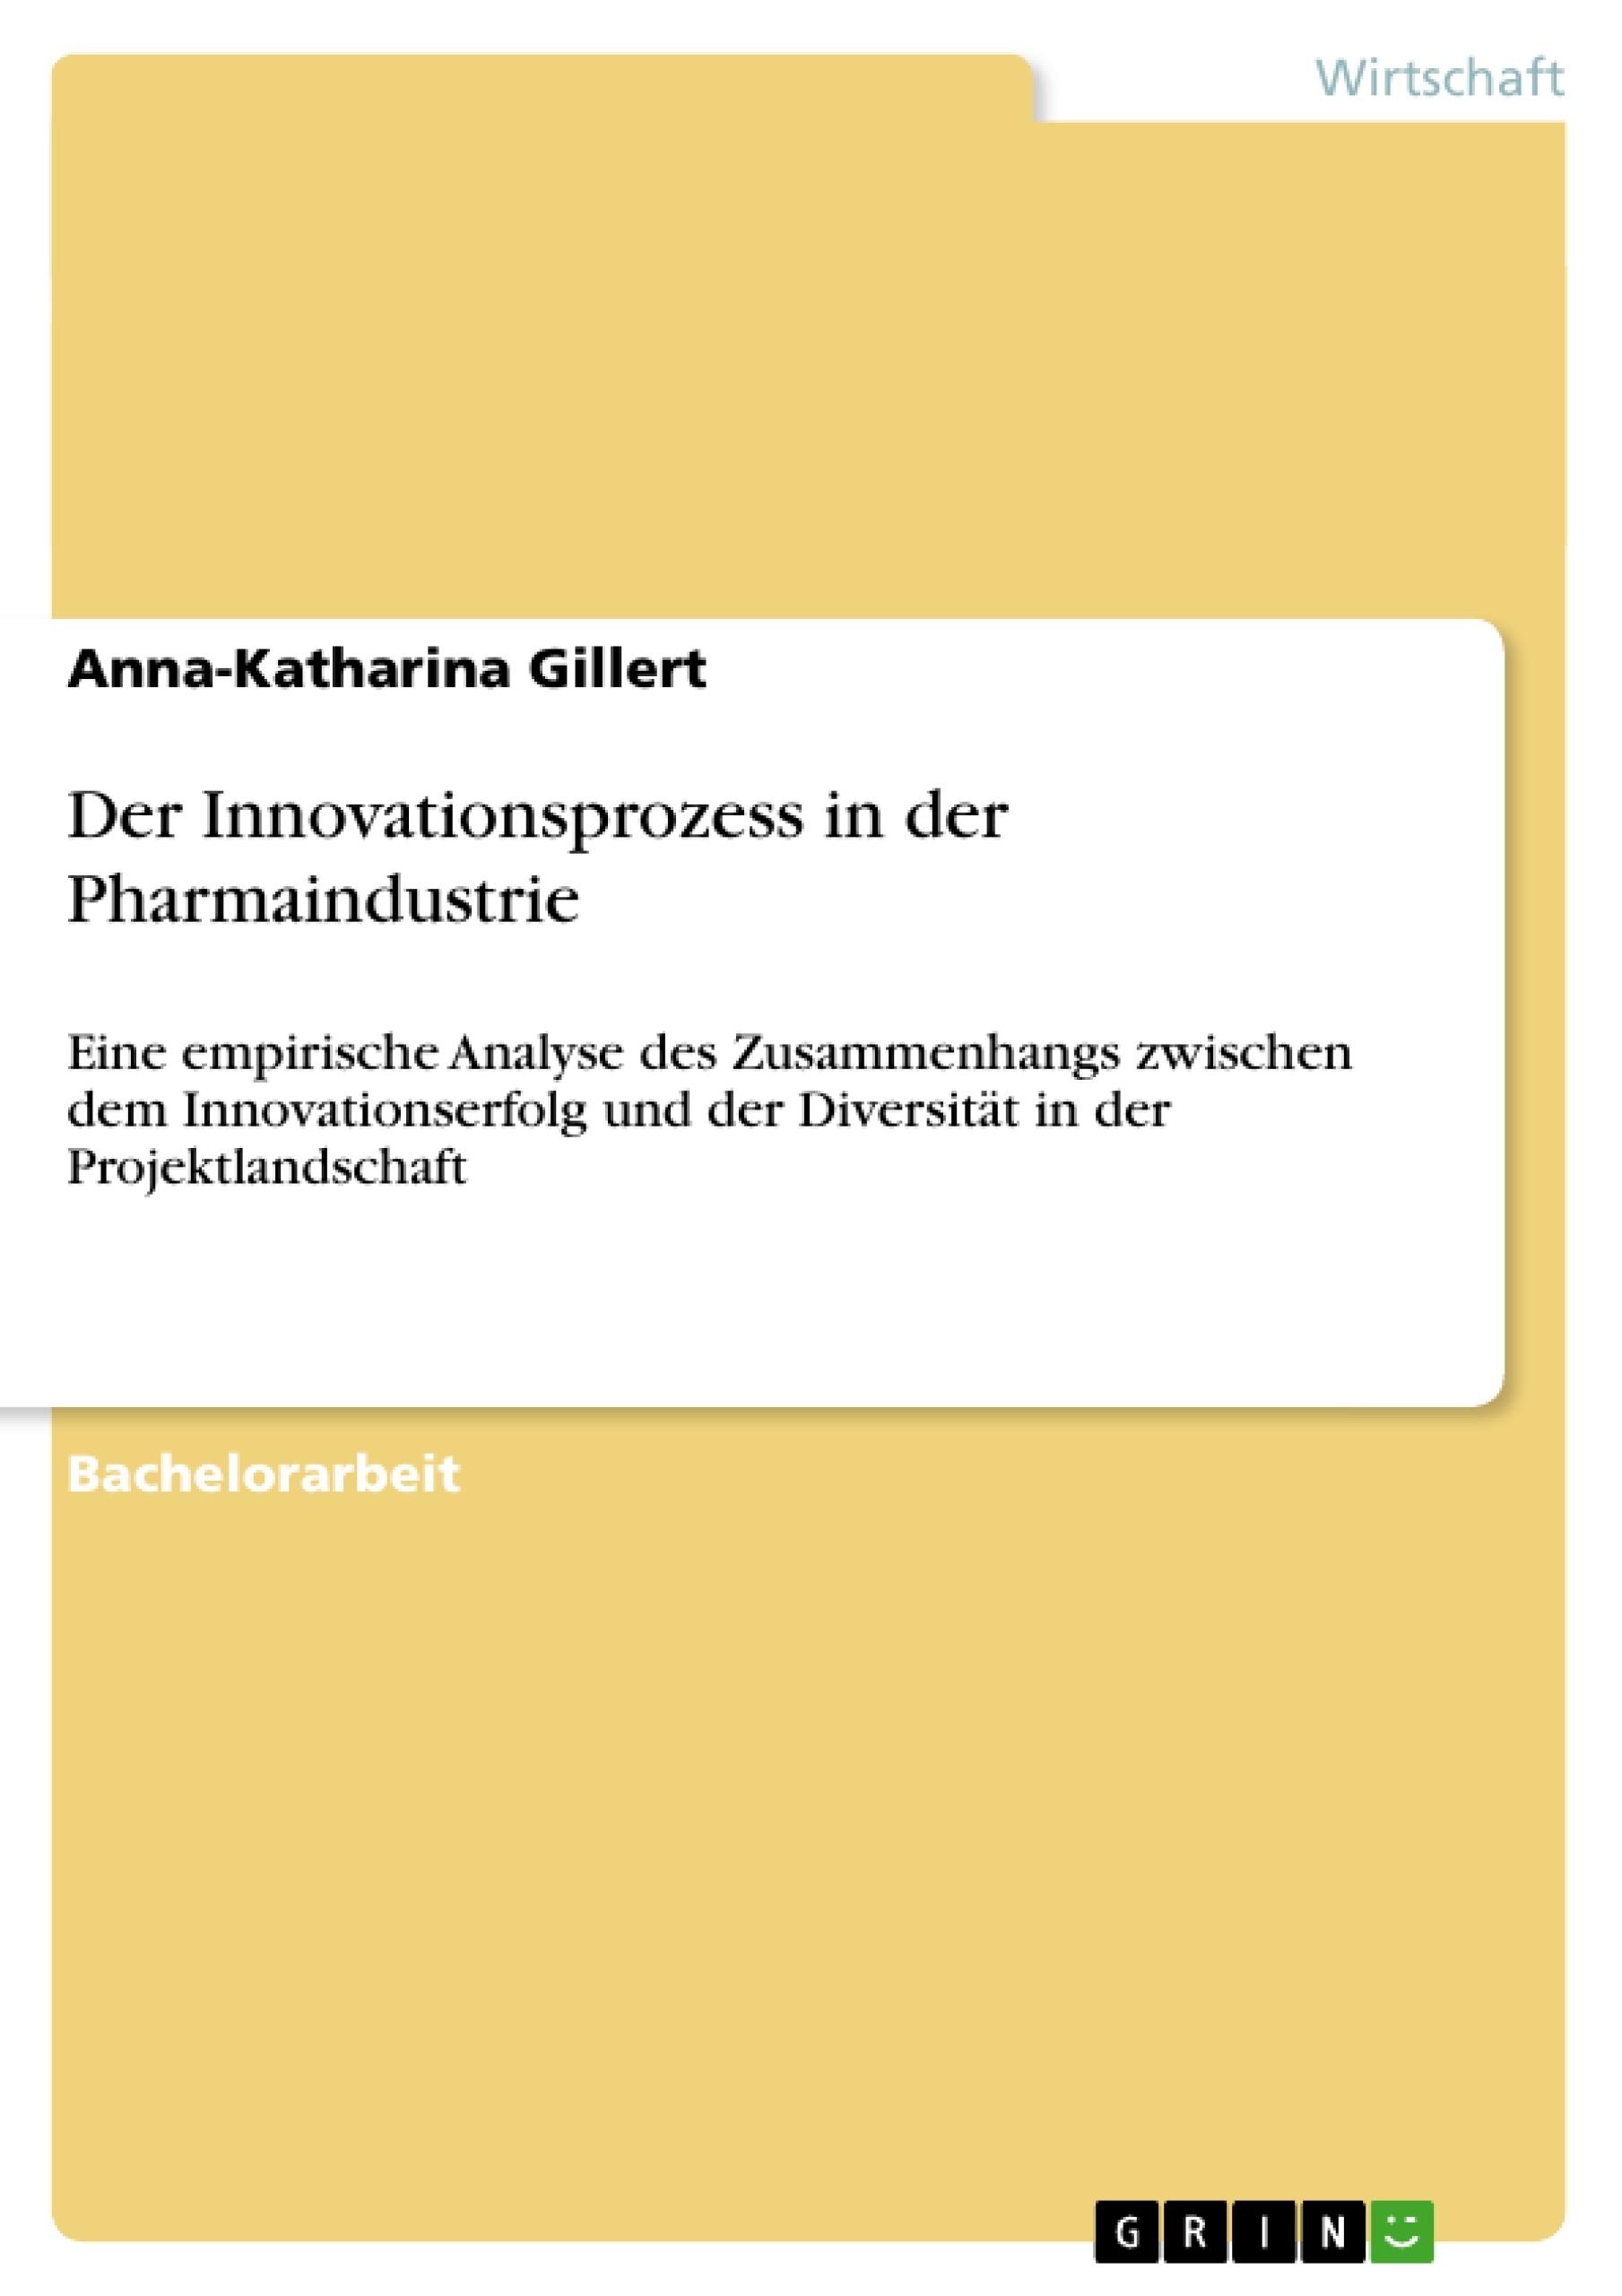 Titel: Der Innovationsprozess in der Pharmaindustrie